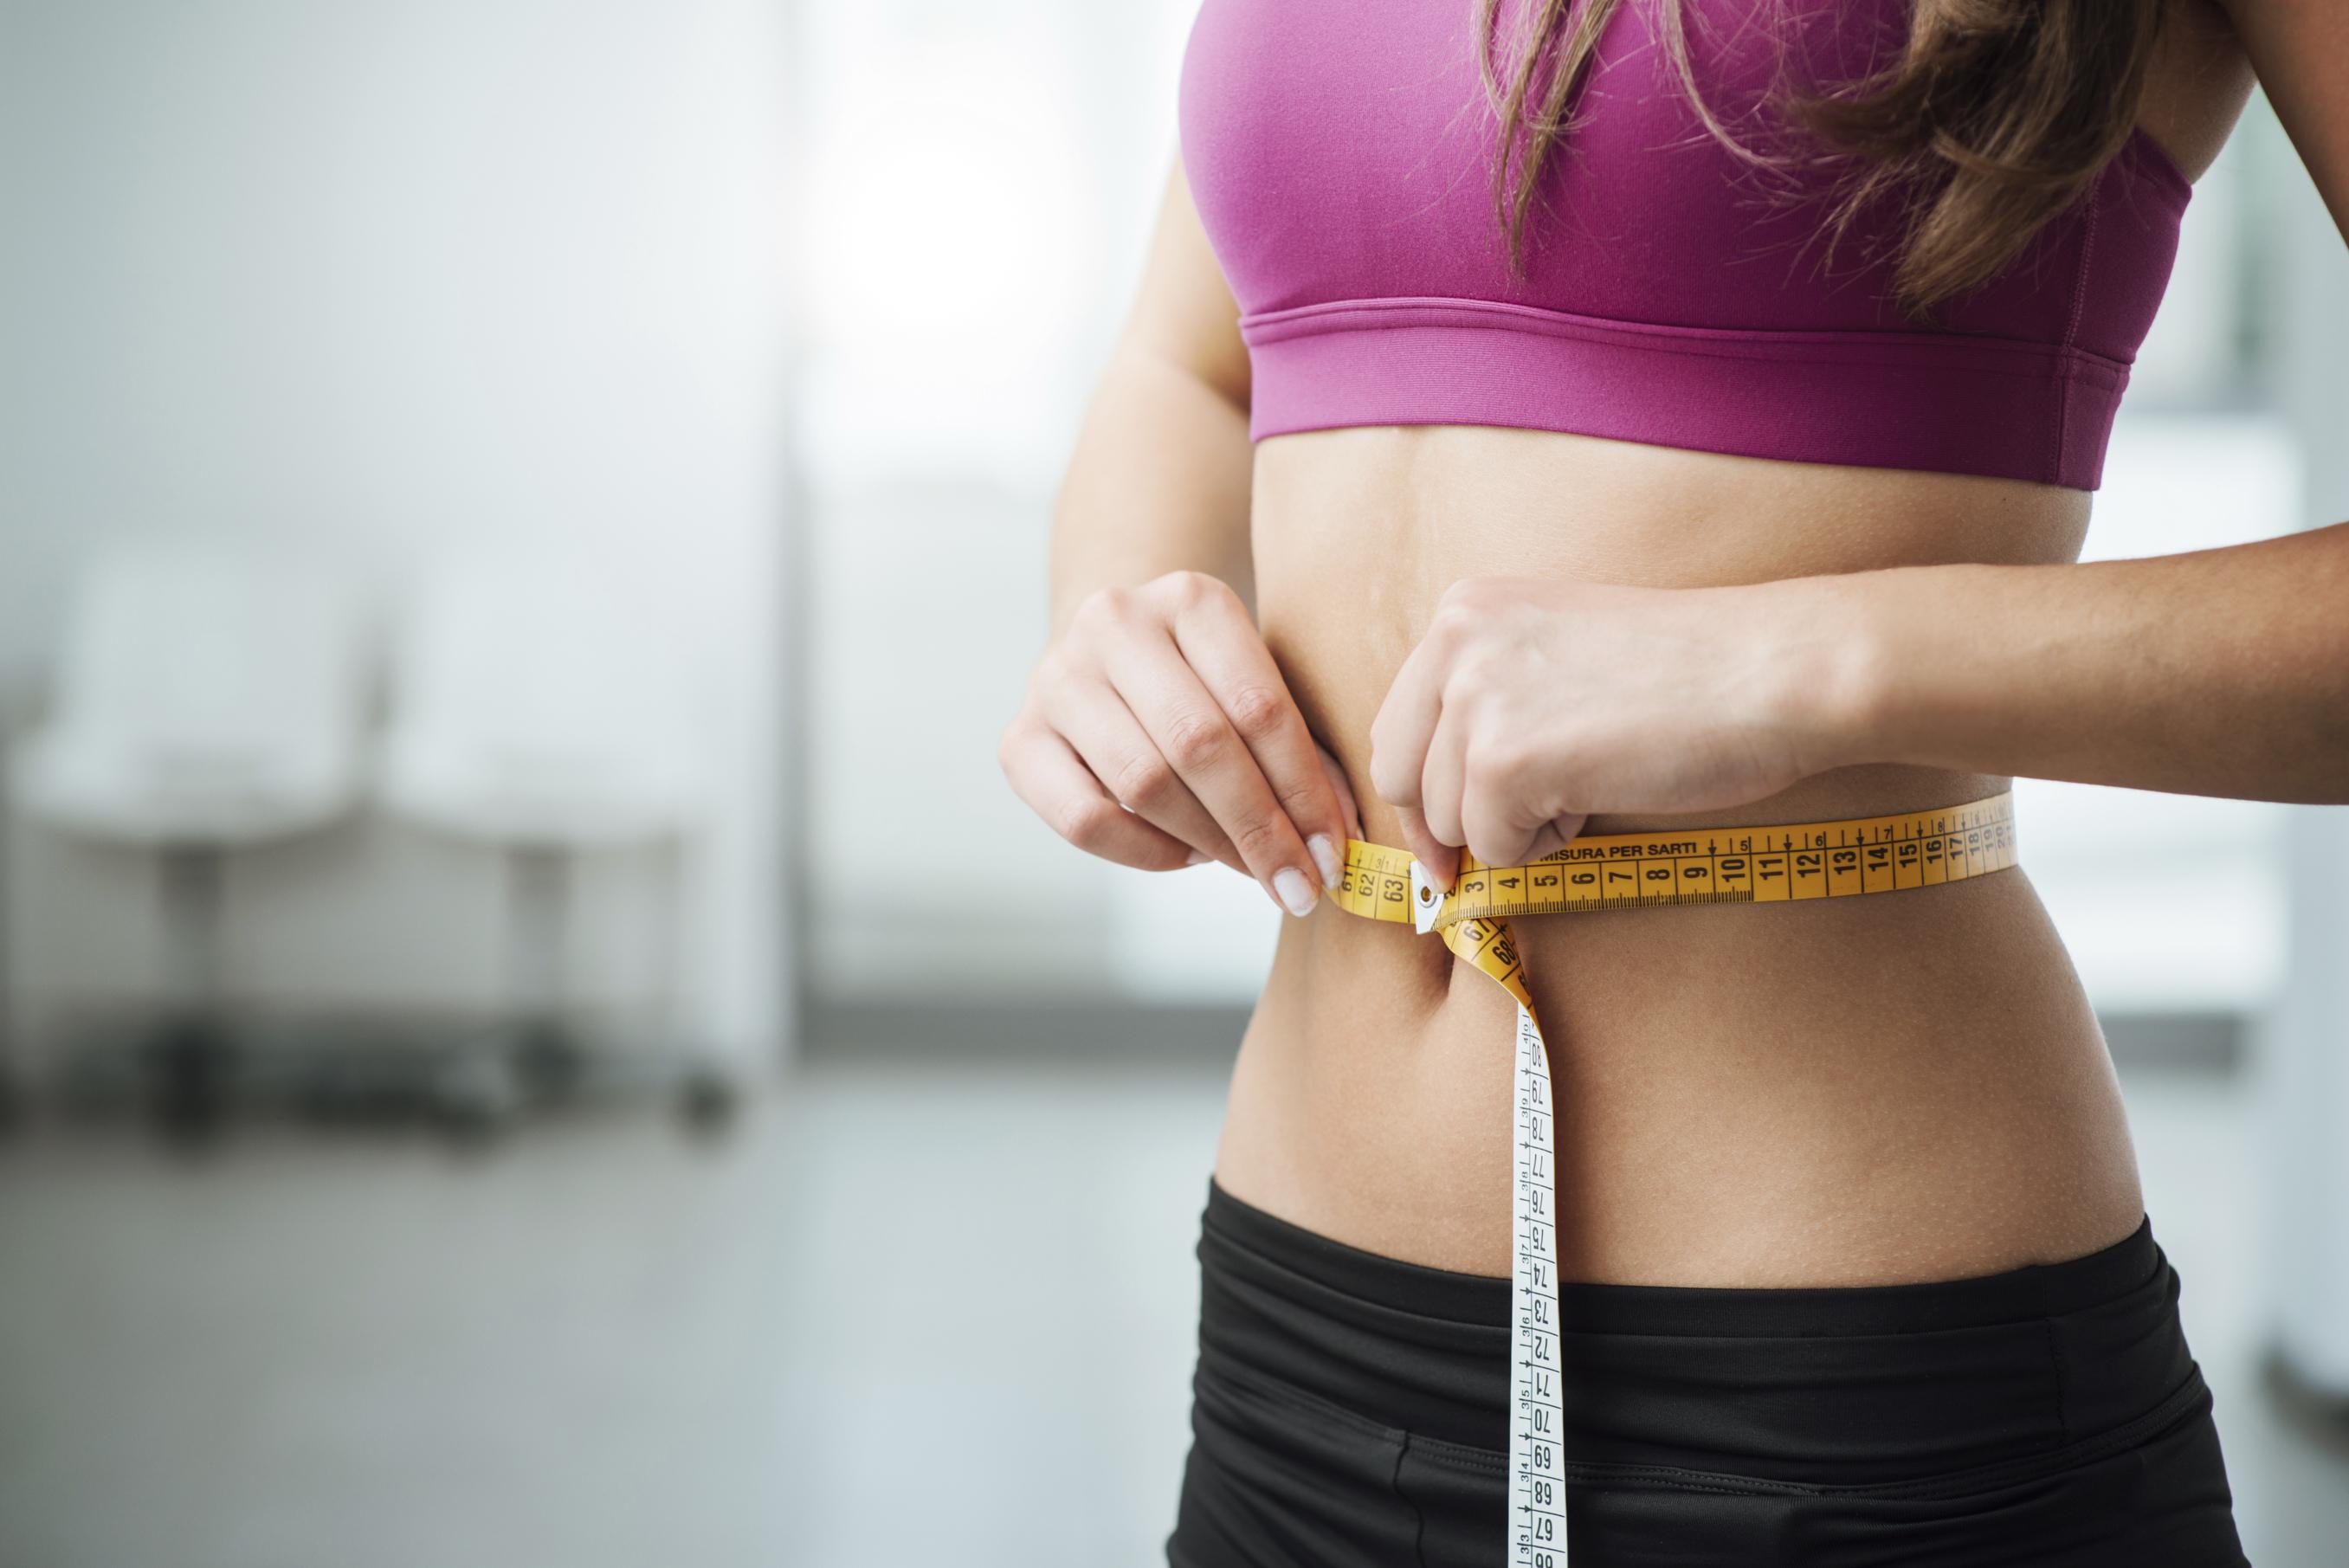 Как Можно Похудеть Картинки. Мотиваторы для похудания